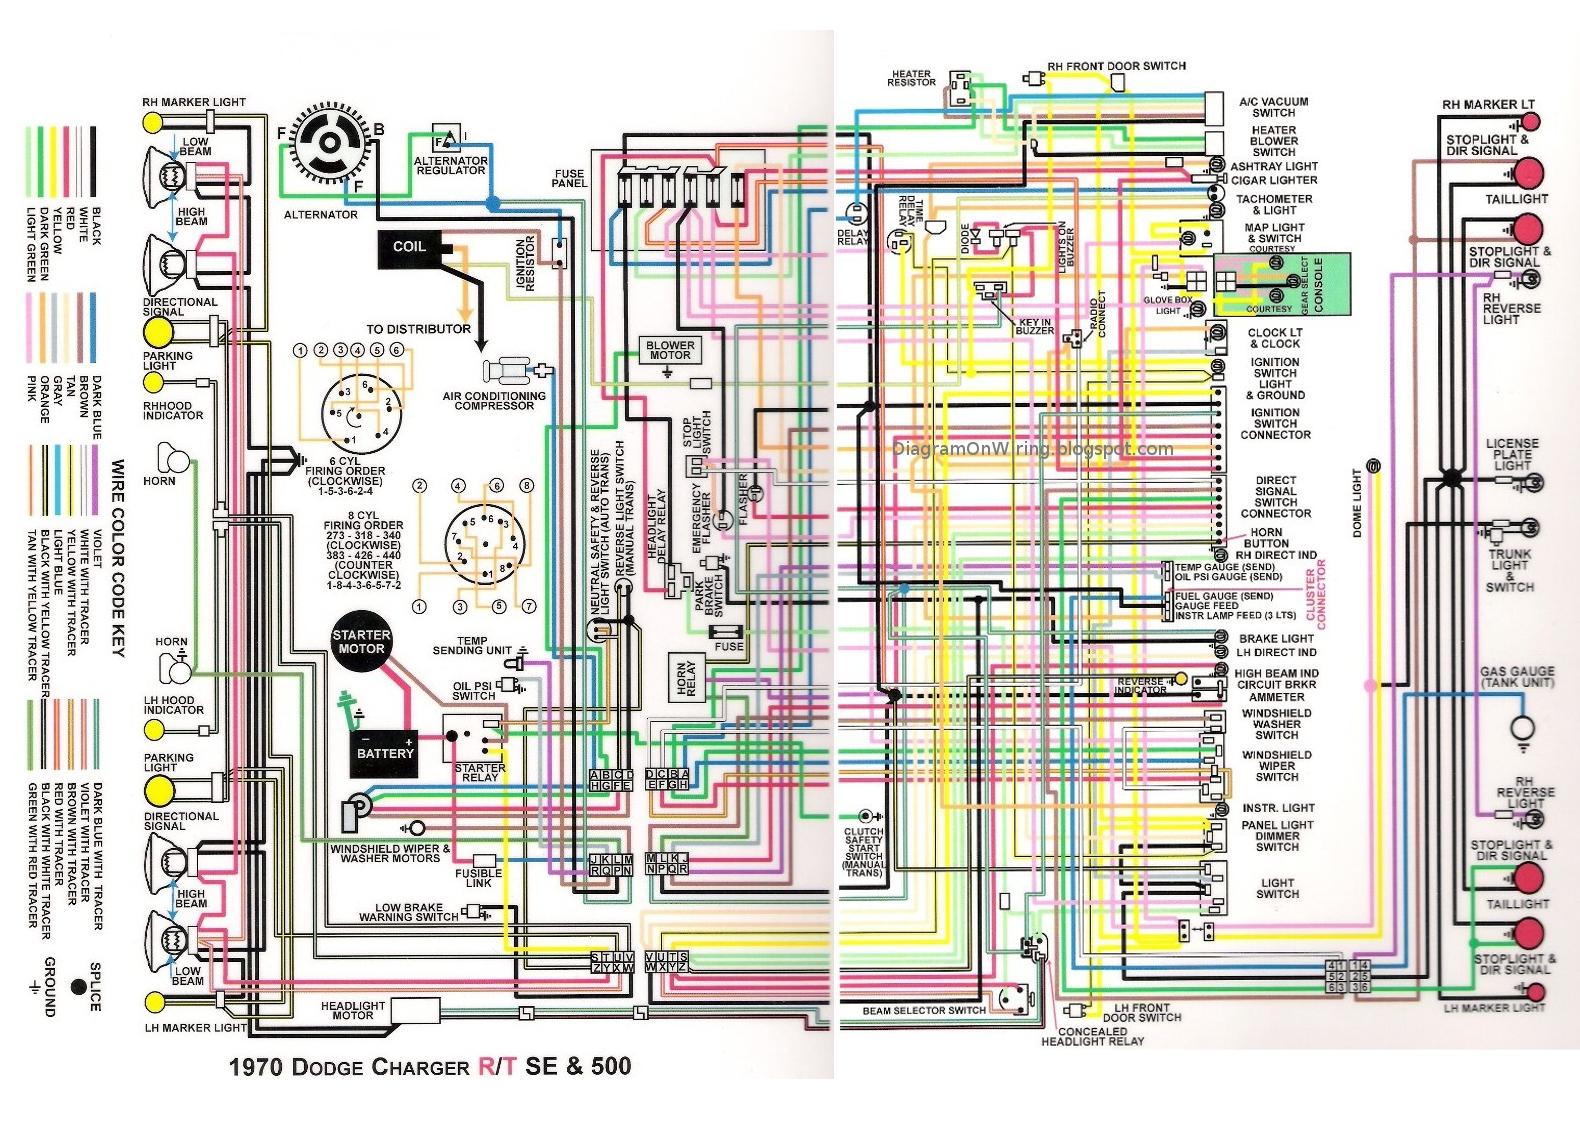 1966 mustang wiring diagram blower motor [ 1580 x 1132 Pixel ]